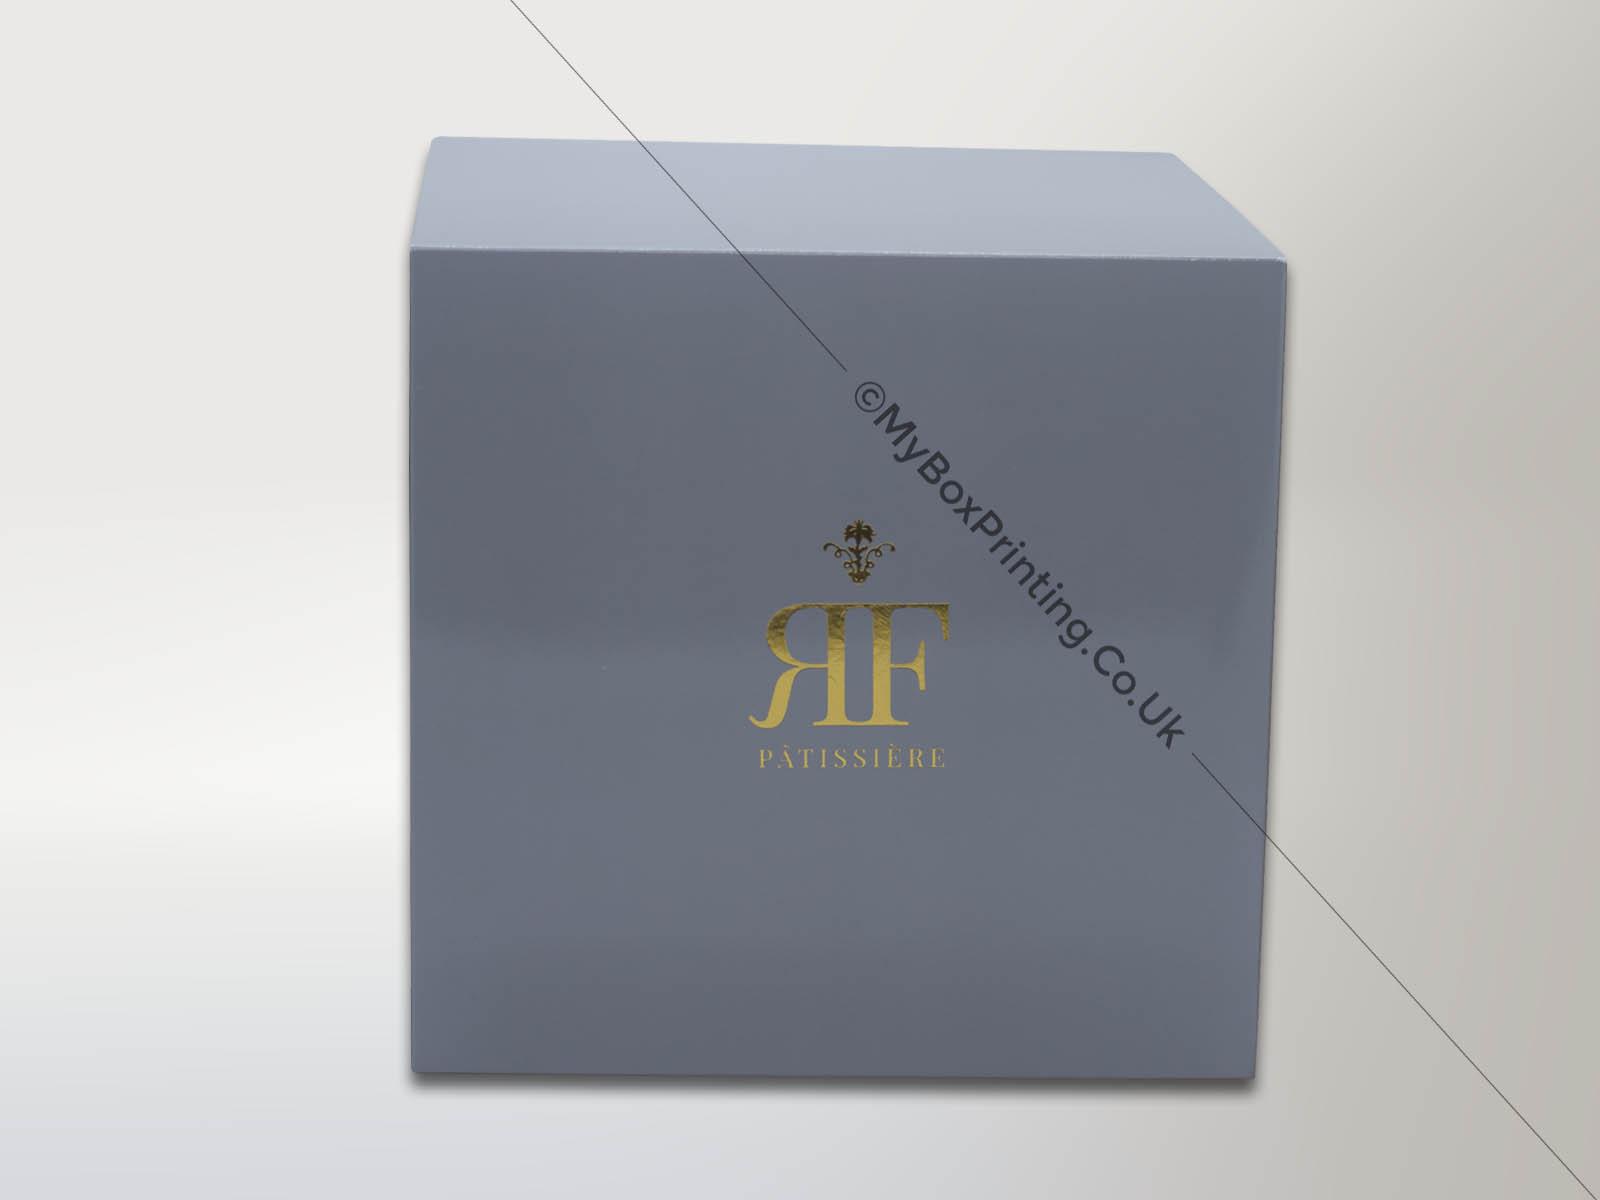 Custom Brownie Packaging Boxes My Box Printing